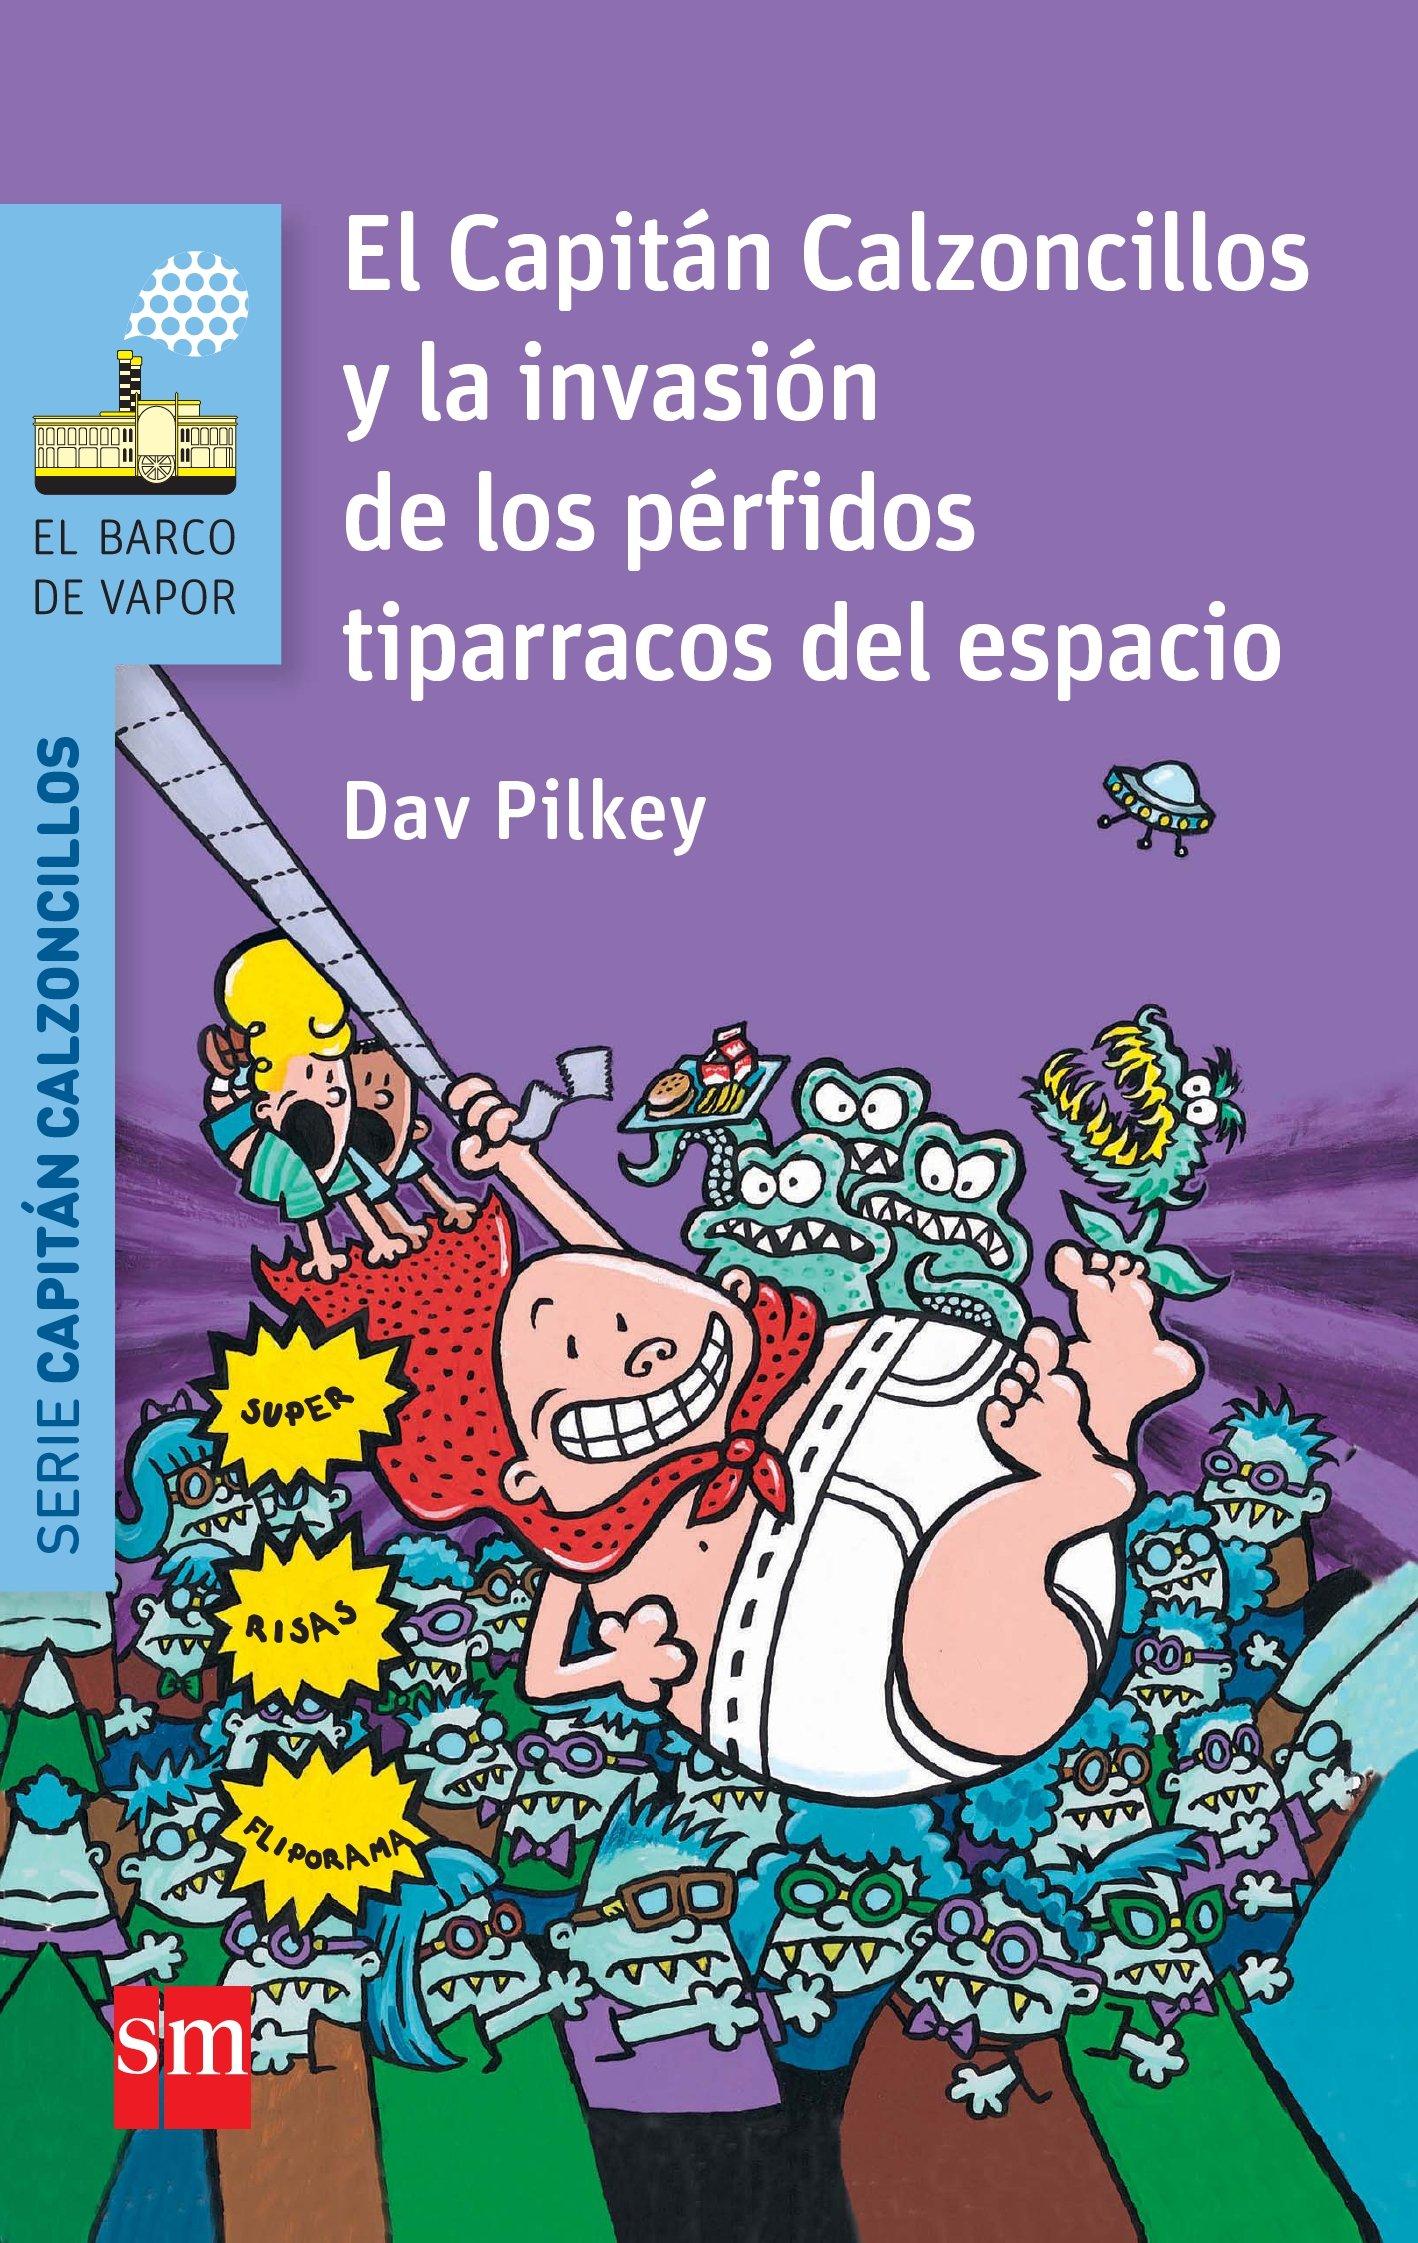 3 El Capitan Calzoncillos Y La Invasion De Los Perfidos Tiparra- Co     Del Espacio (3ª Ed.) por Dav Pilkey